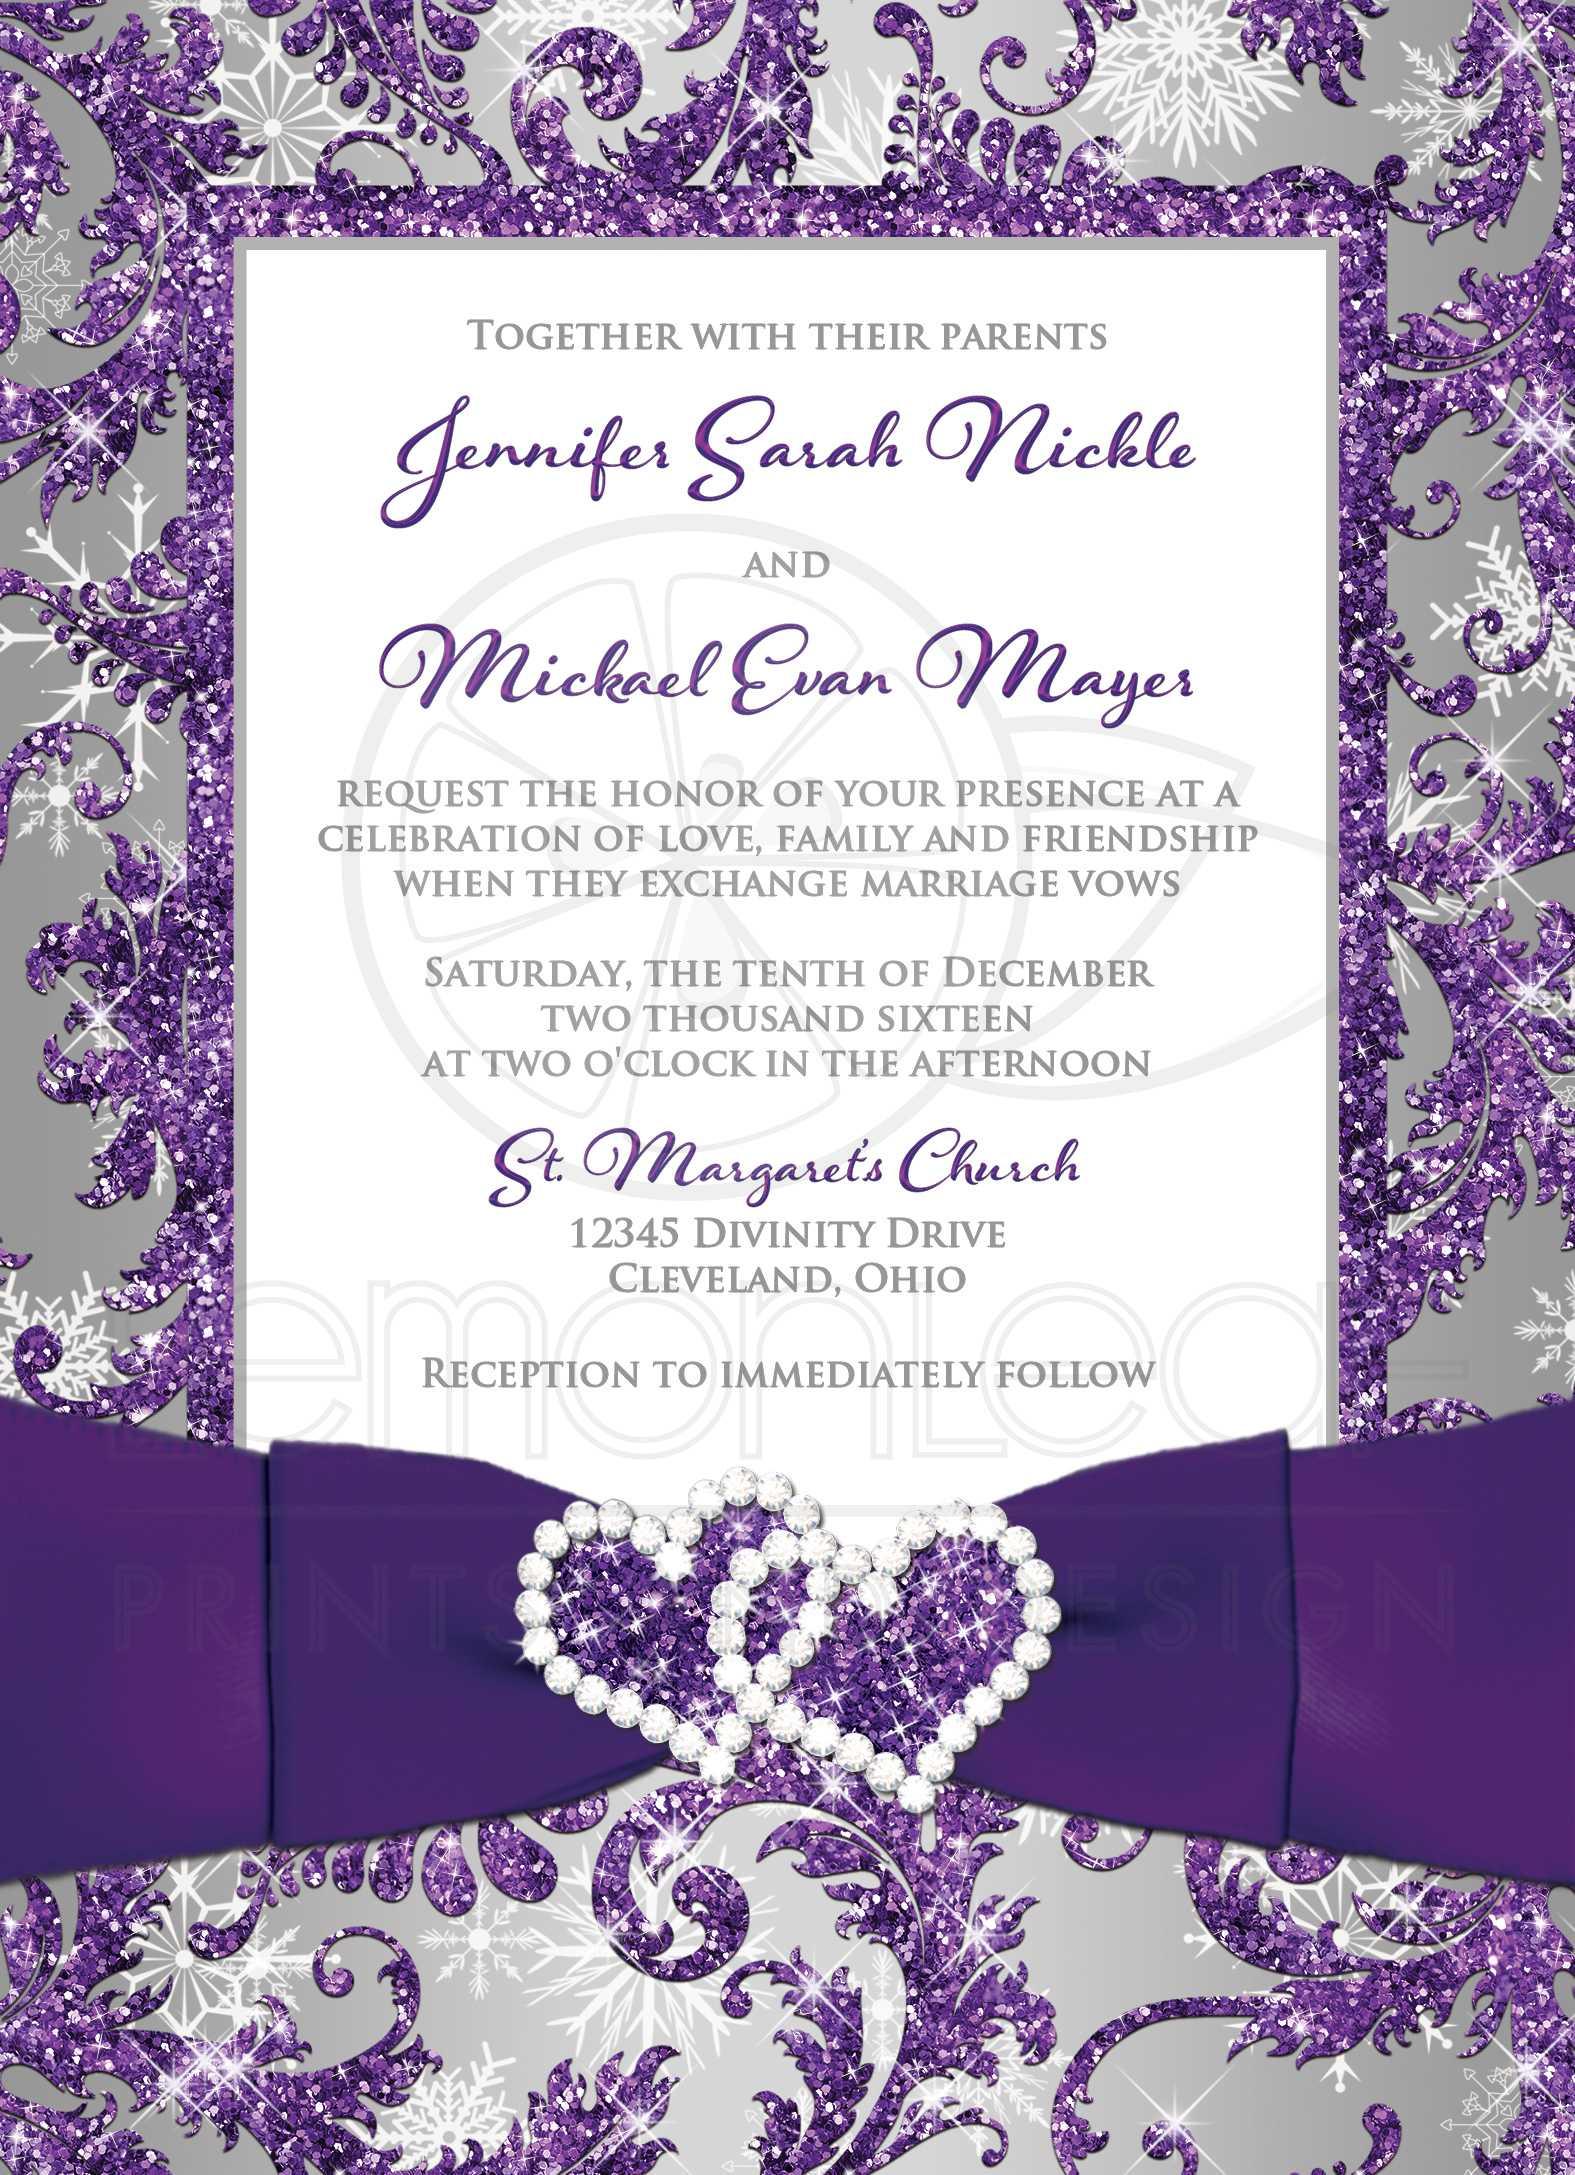 Wedding Invitations Albany Ny Image Collections Party Stylart Wedding  Invitations Images Party Invitations Ideas Purple Silver